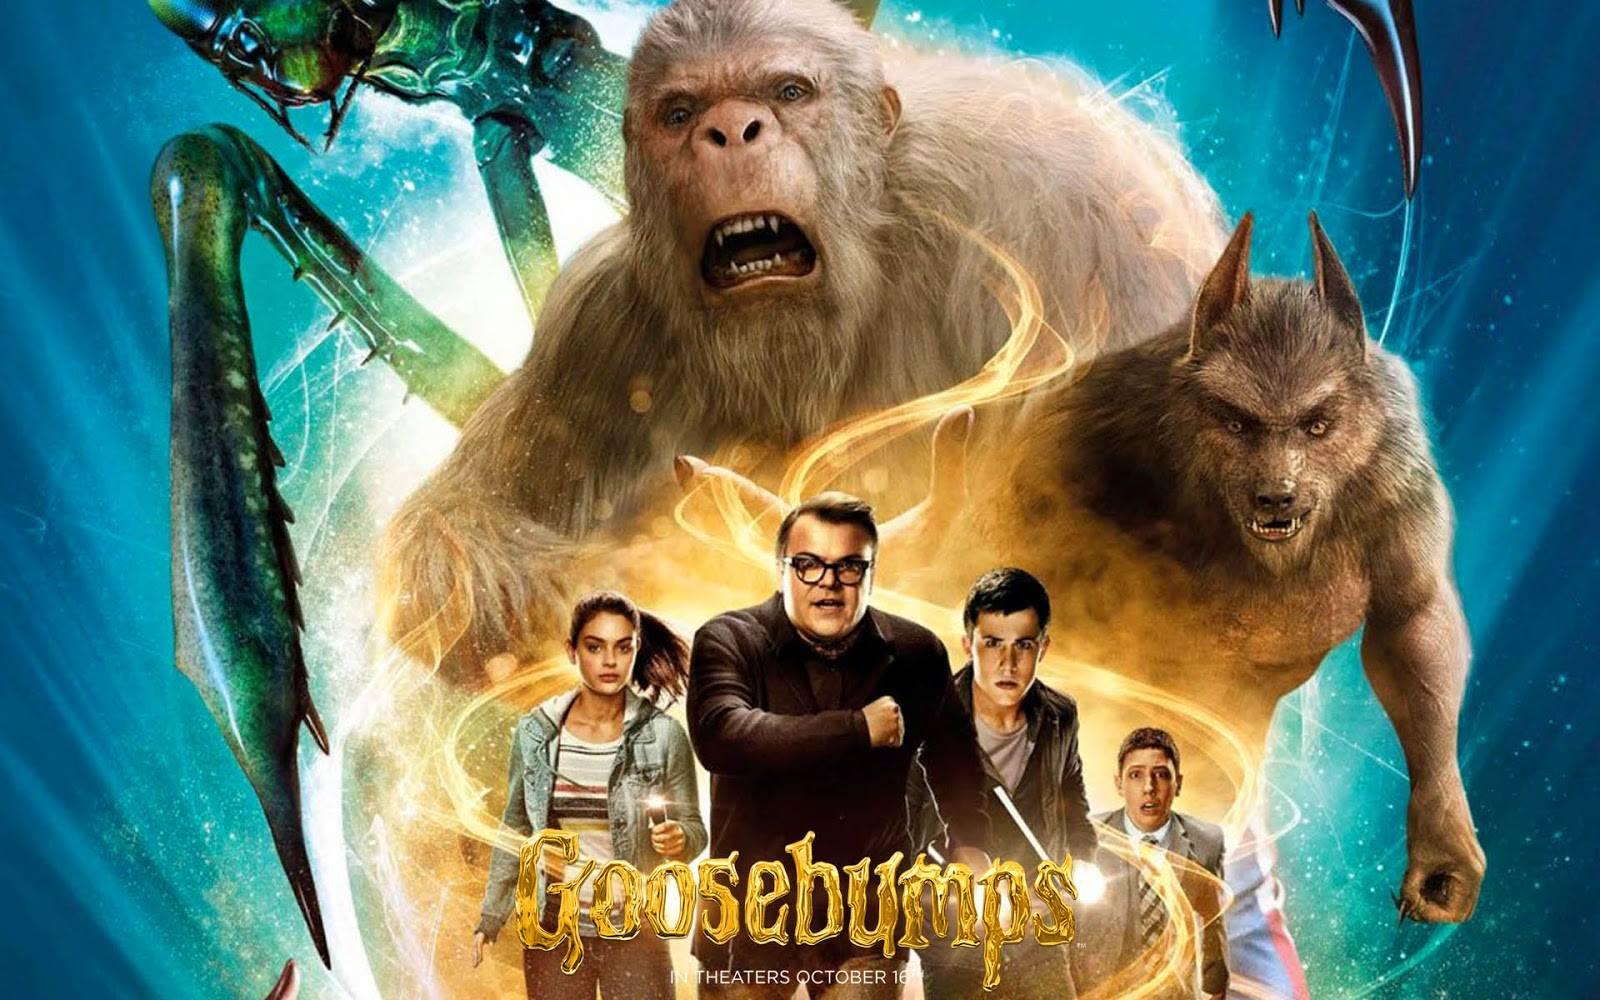 Movie Night - Friday, October 13